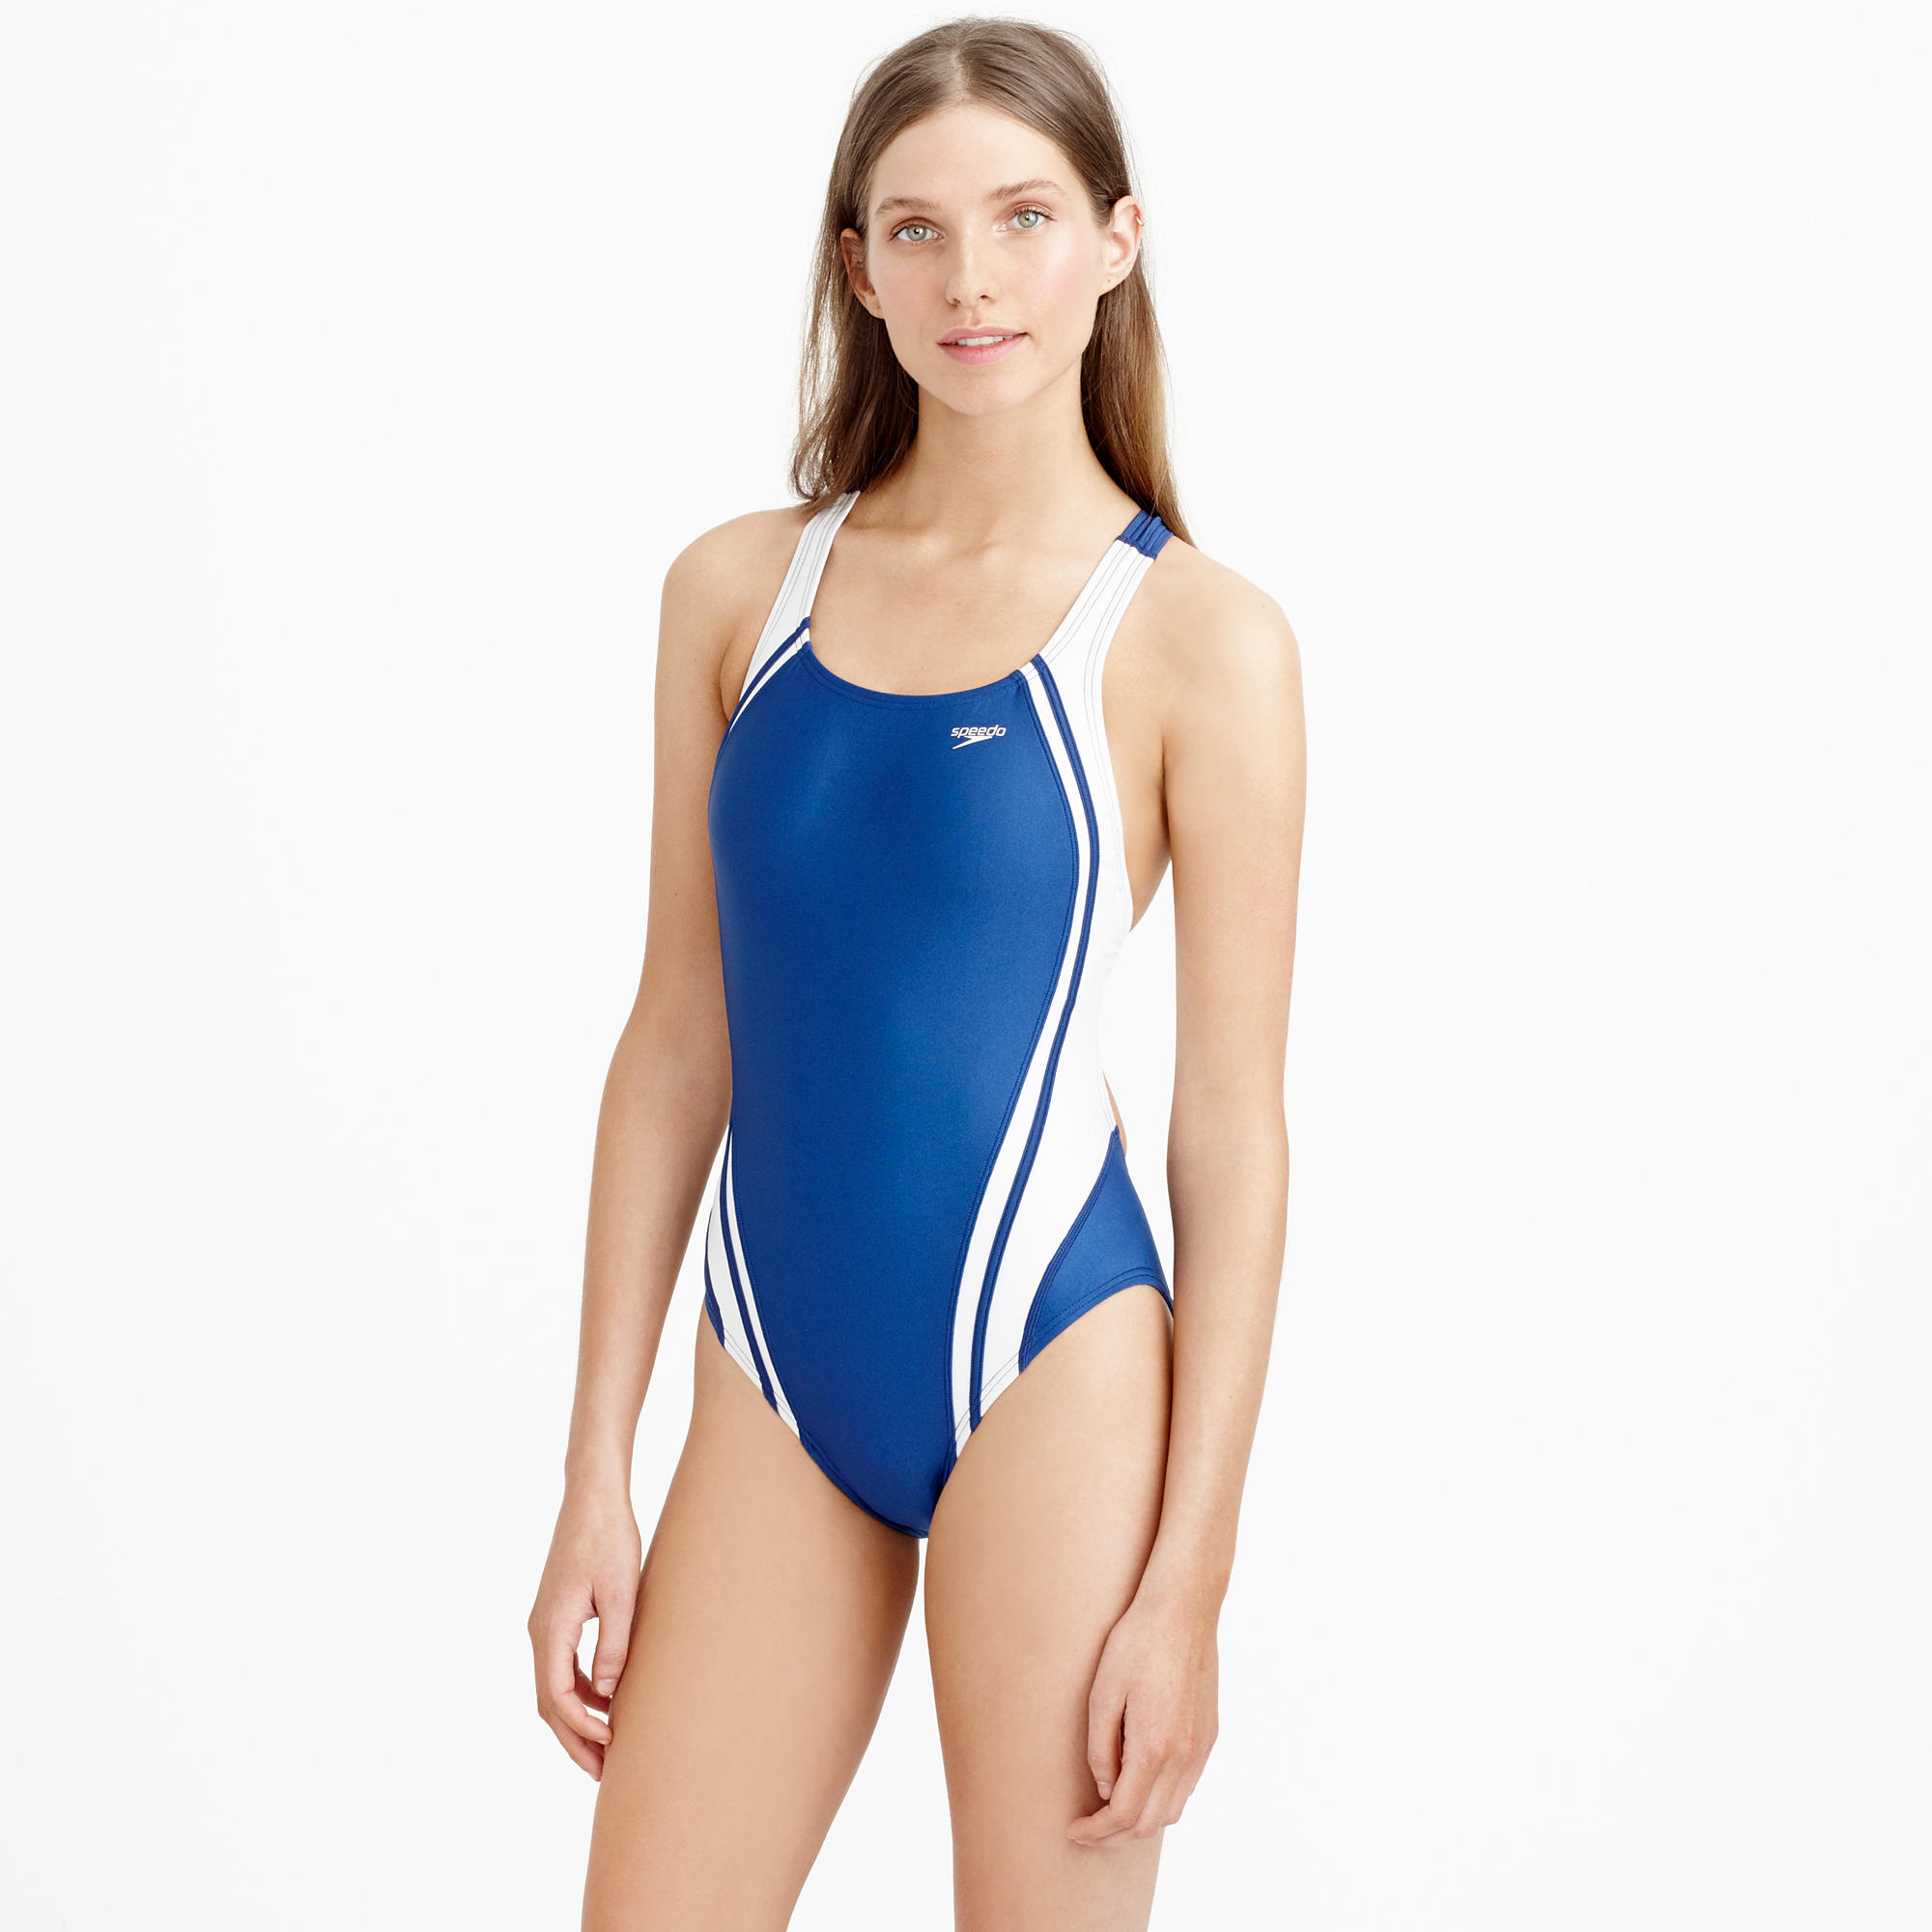 fa426c810b J.Crew Speedo Quantum Splice One-piece Swimsuit in Blue - Lyst